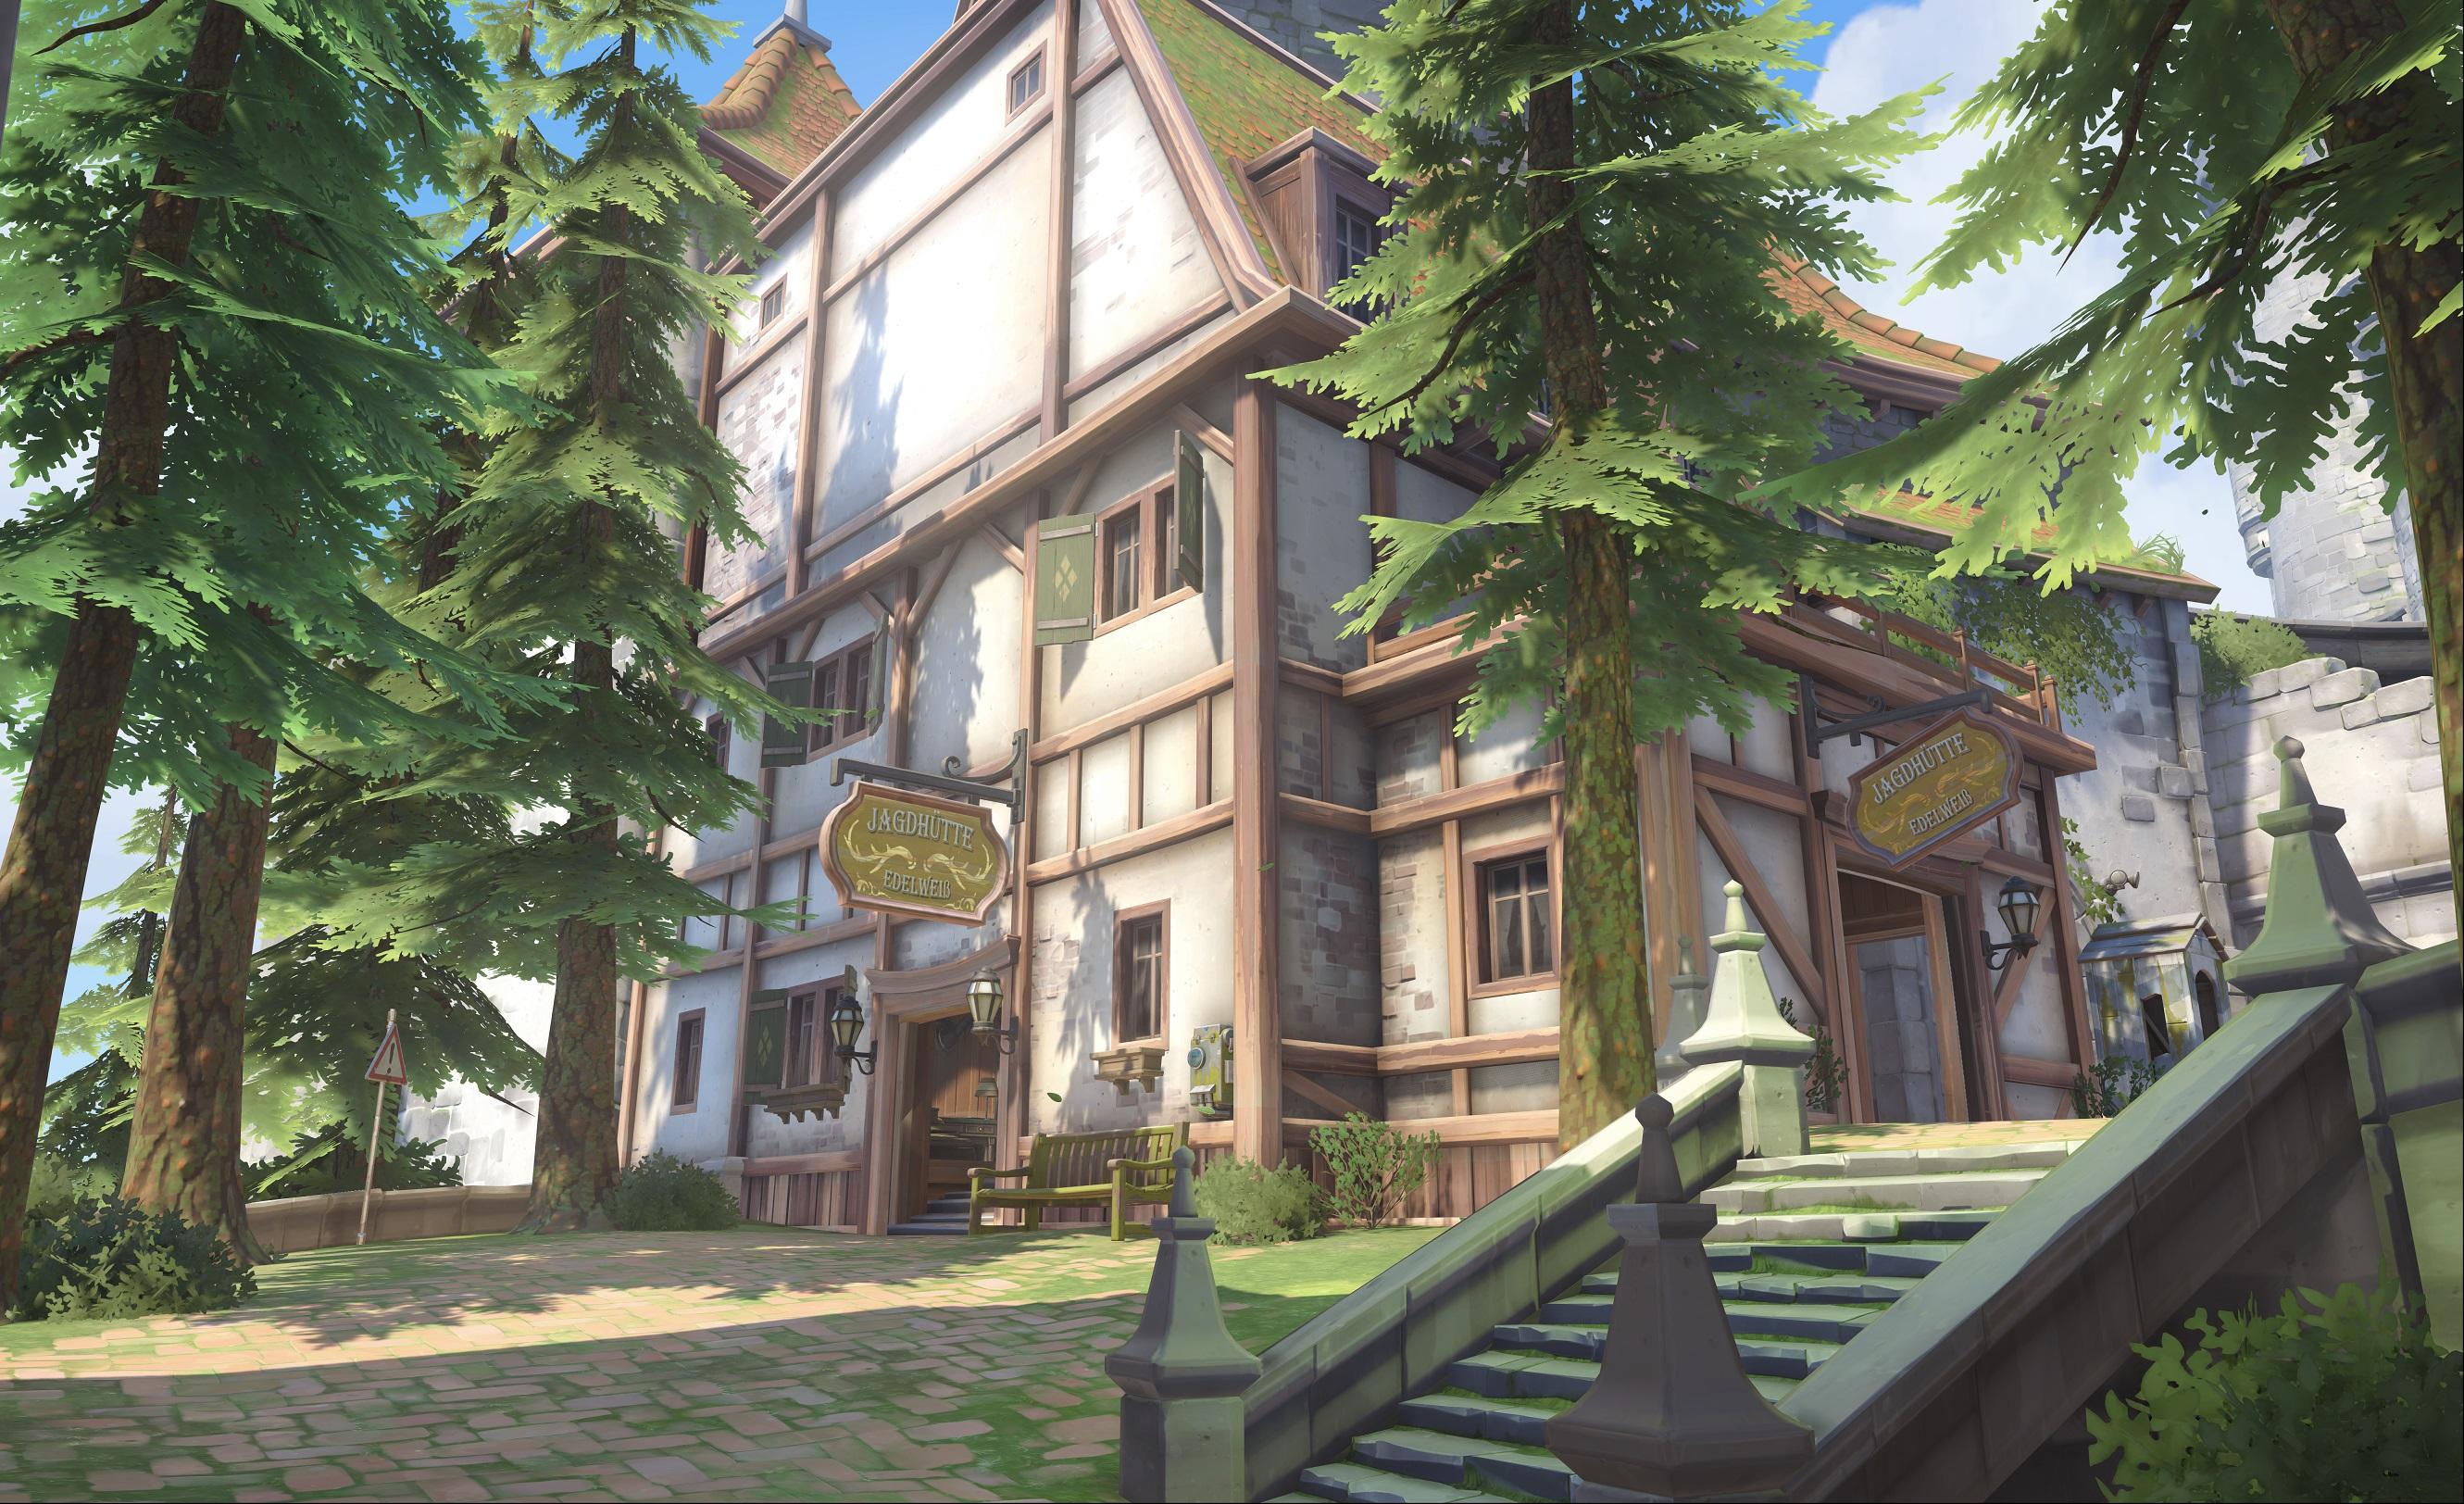 Nová mapa pro Overwatch nás zavede do hradu a přilehlého městečka v Německu 128681